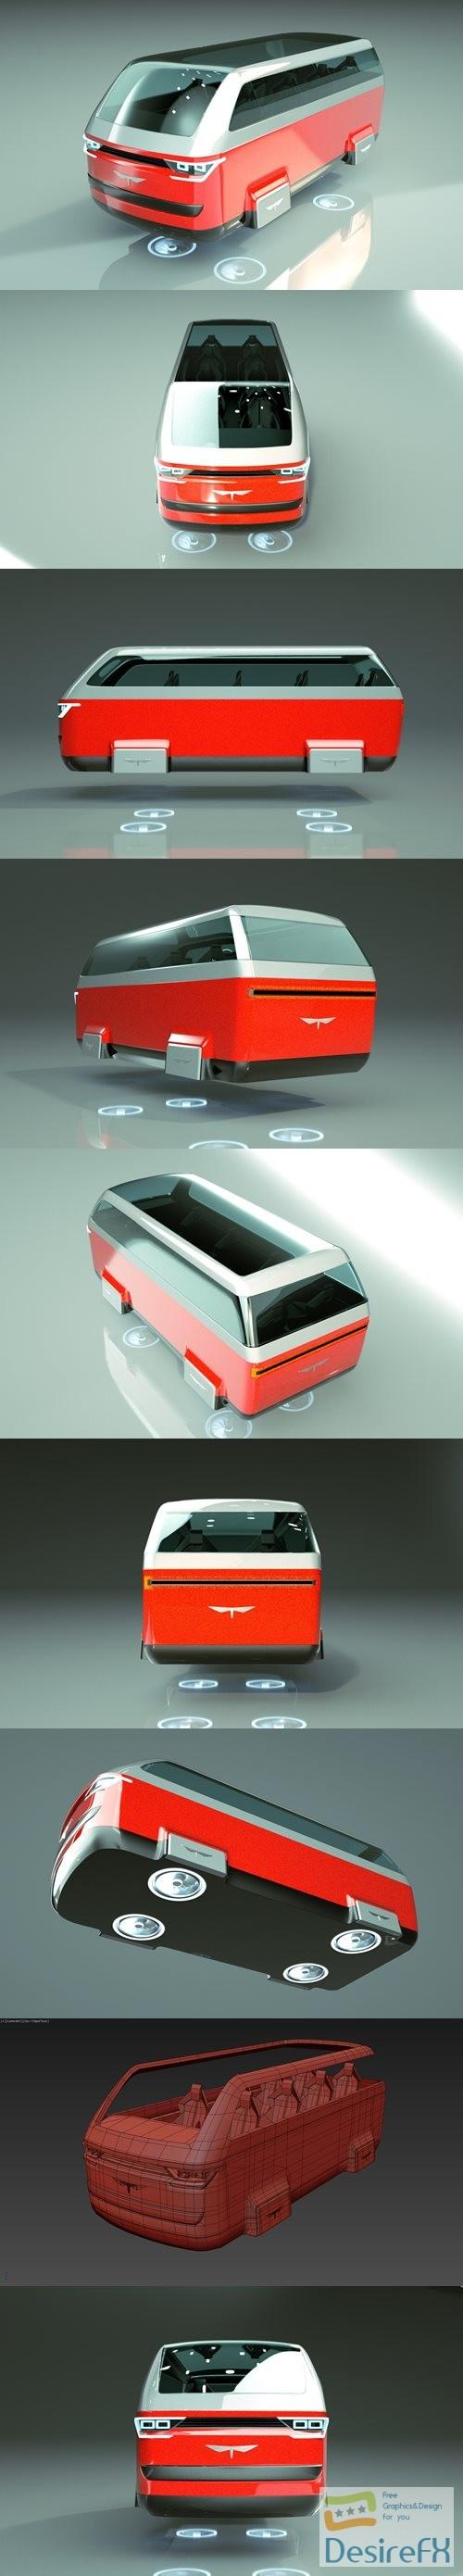 3d-models - Cheap & Cool T-Hover Minivan Car 19 3D Model